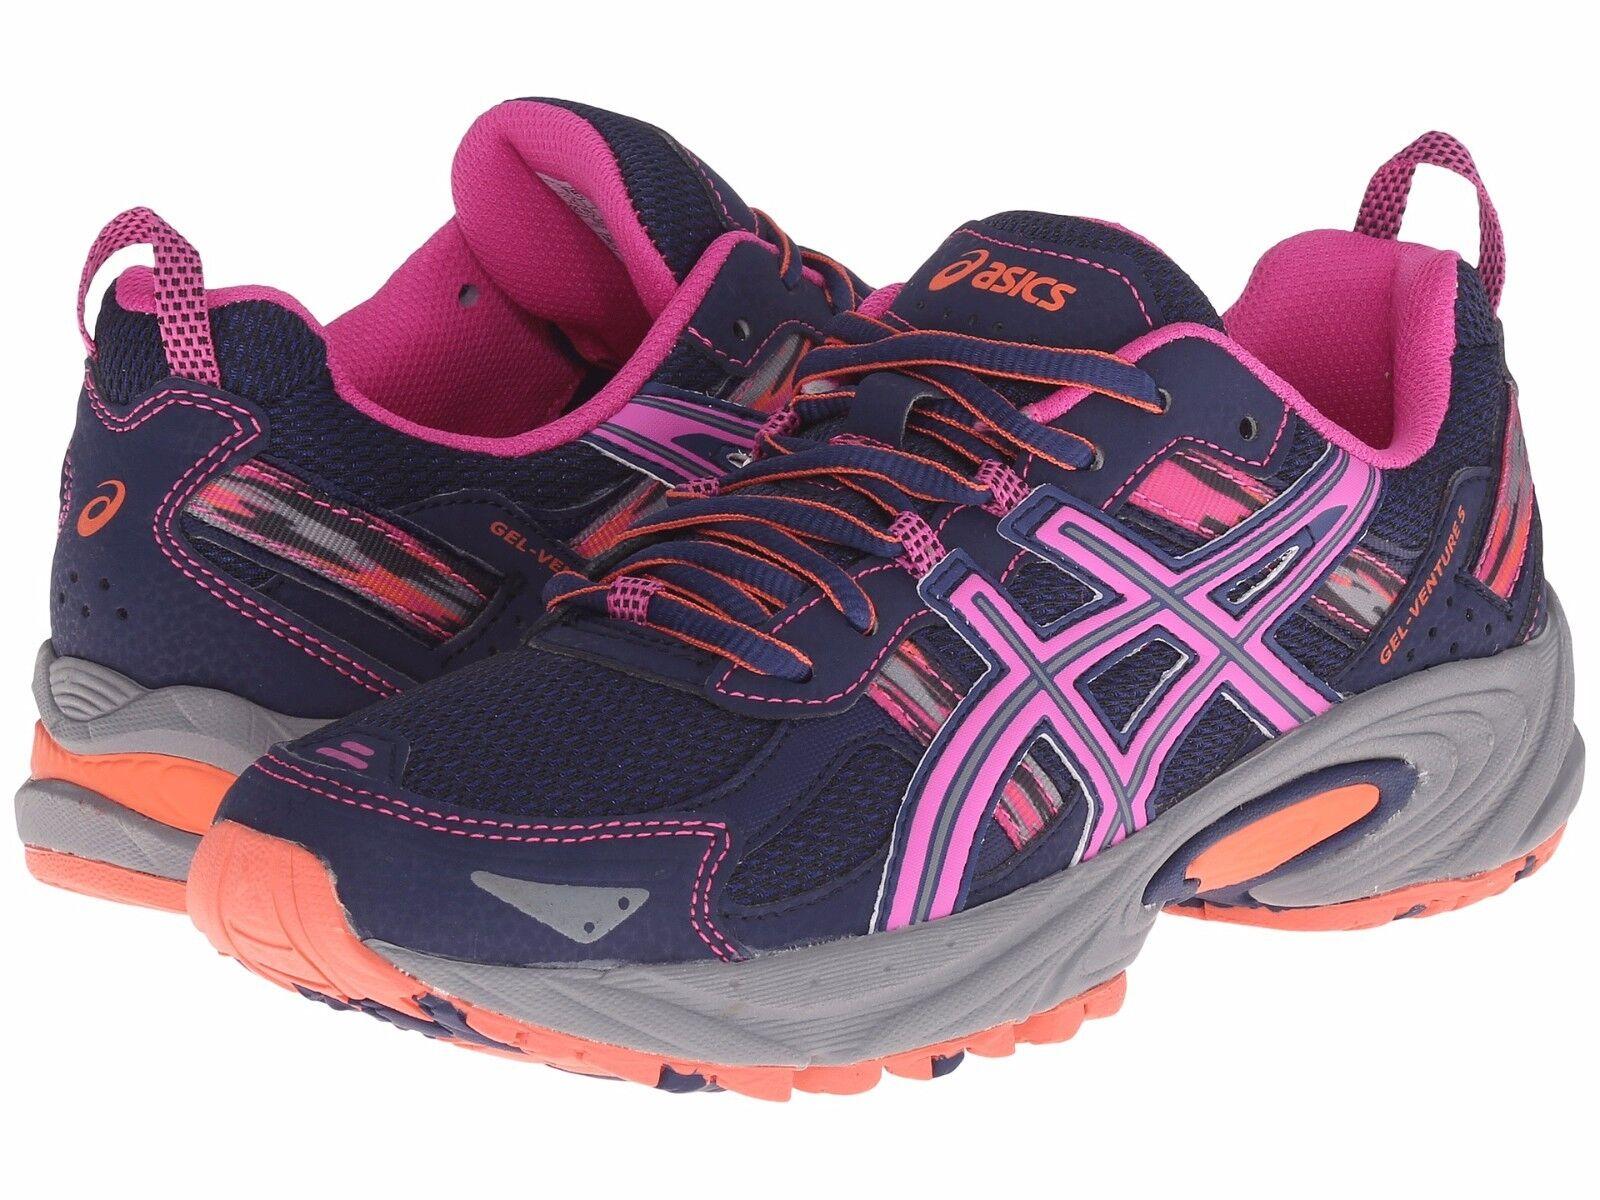 Nuevo Nuevo Nuevo en caja para Mujeres Asics Gel Venture 5 Calzado para Correr Elija Tamaño Mediano Azul rosado Coral  tiendas minoristas